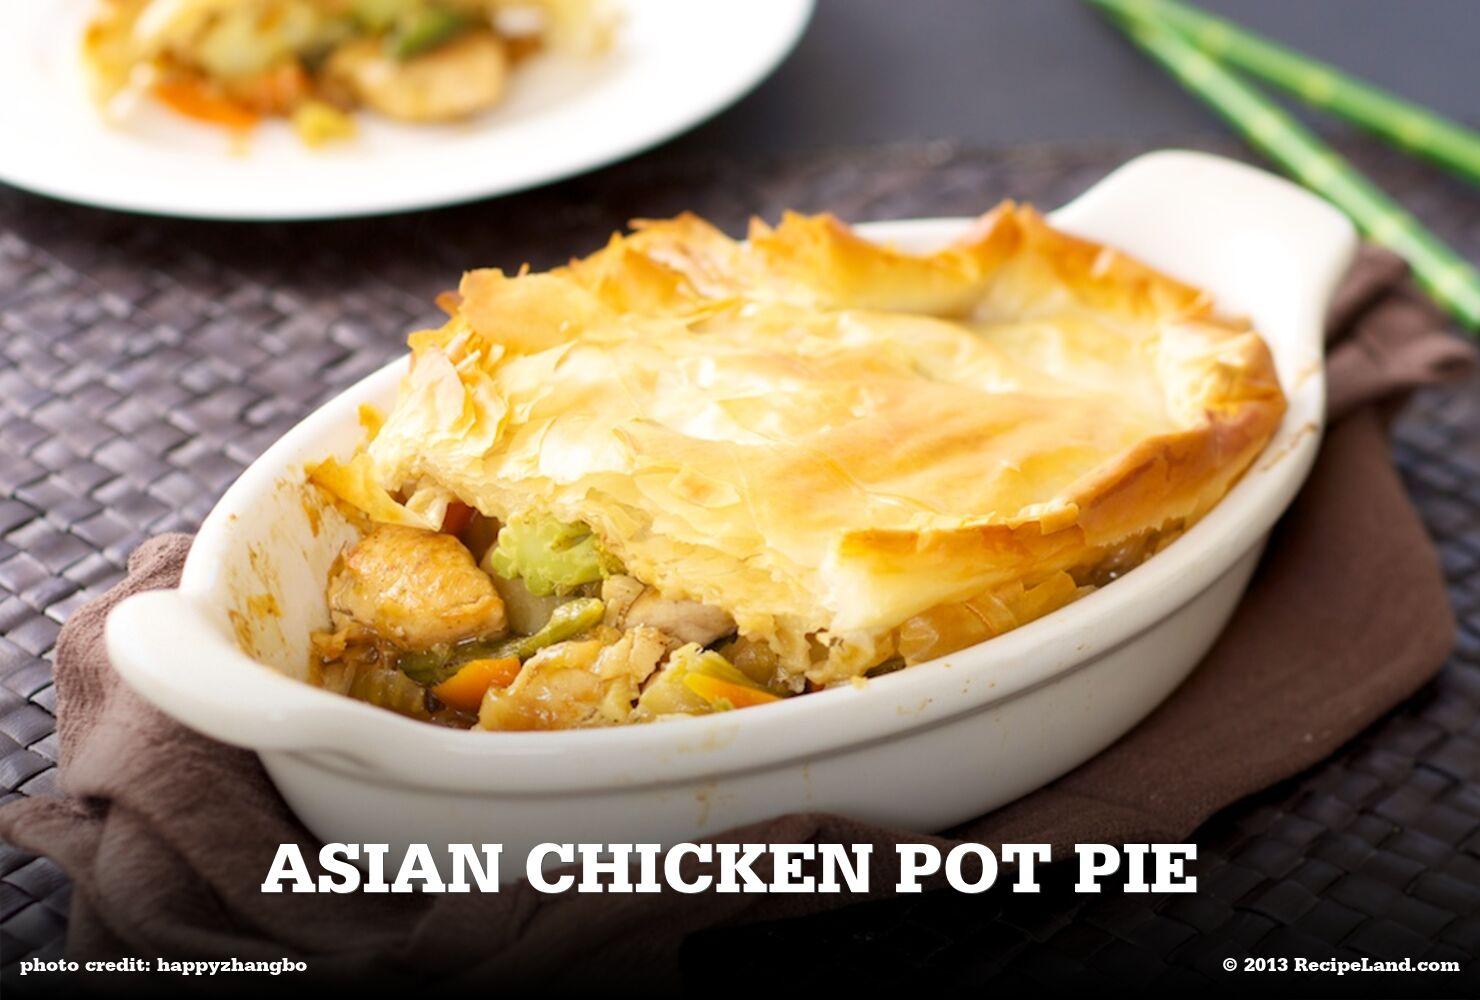 Asian Chicken Pot Pie